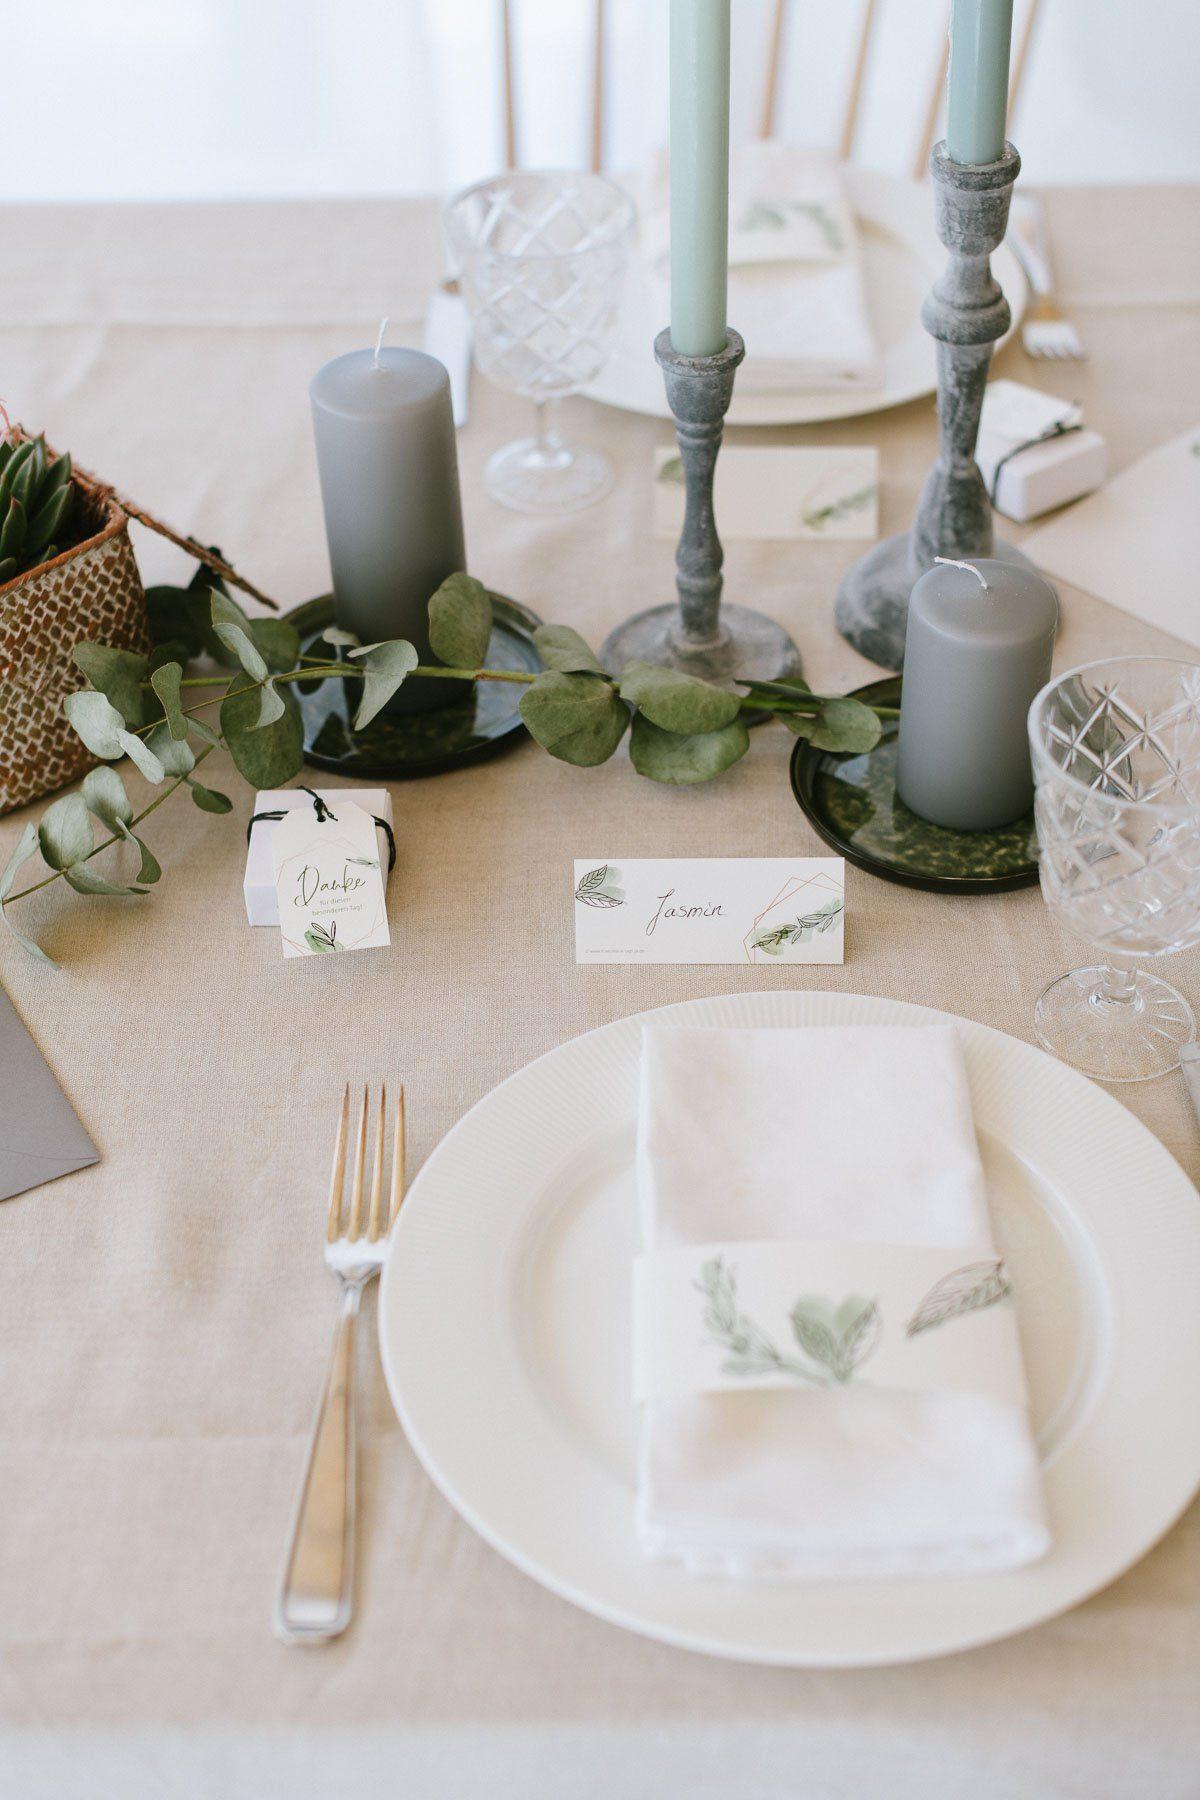 Tischdeko mit Servietten für eine Konfirmation